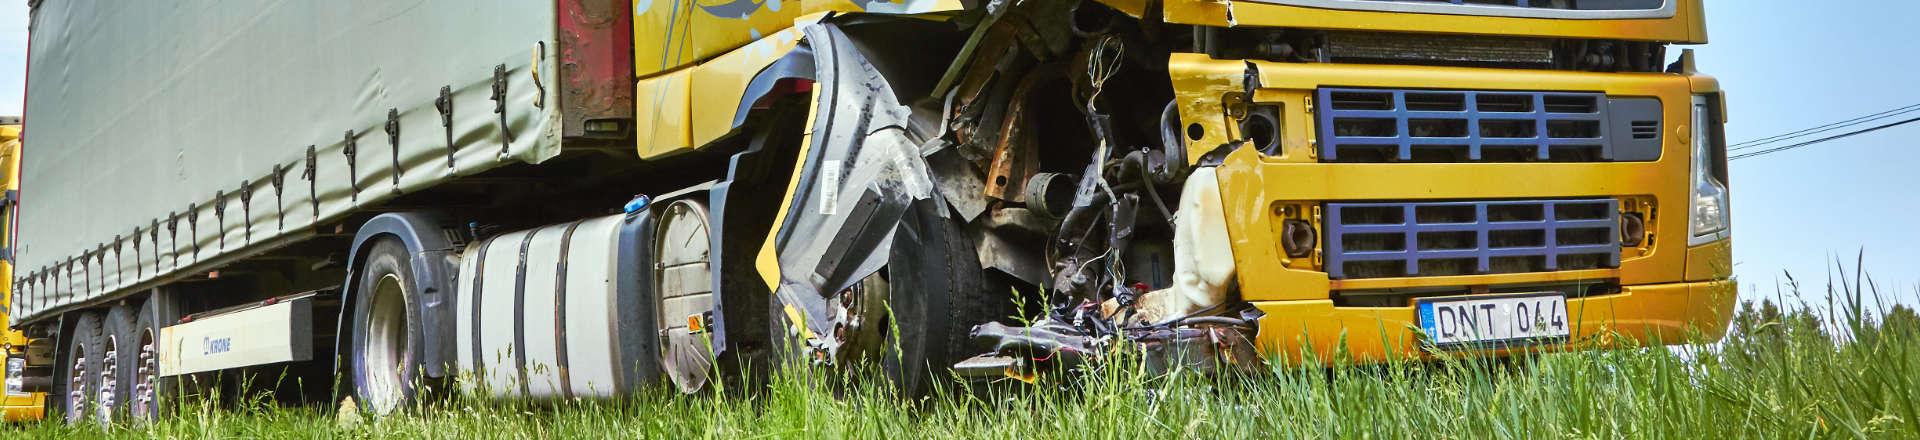 a truck wreck